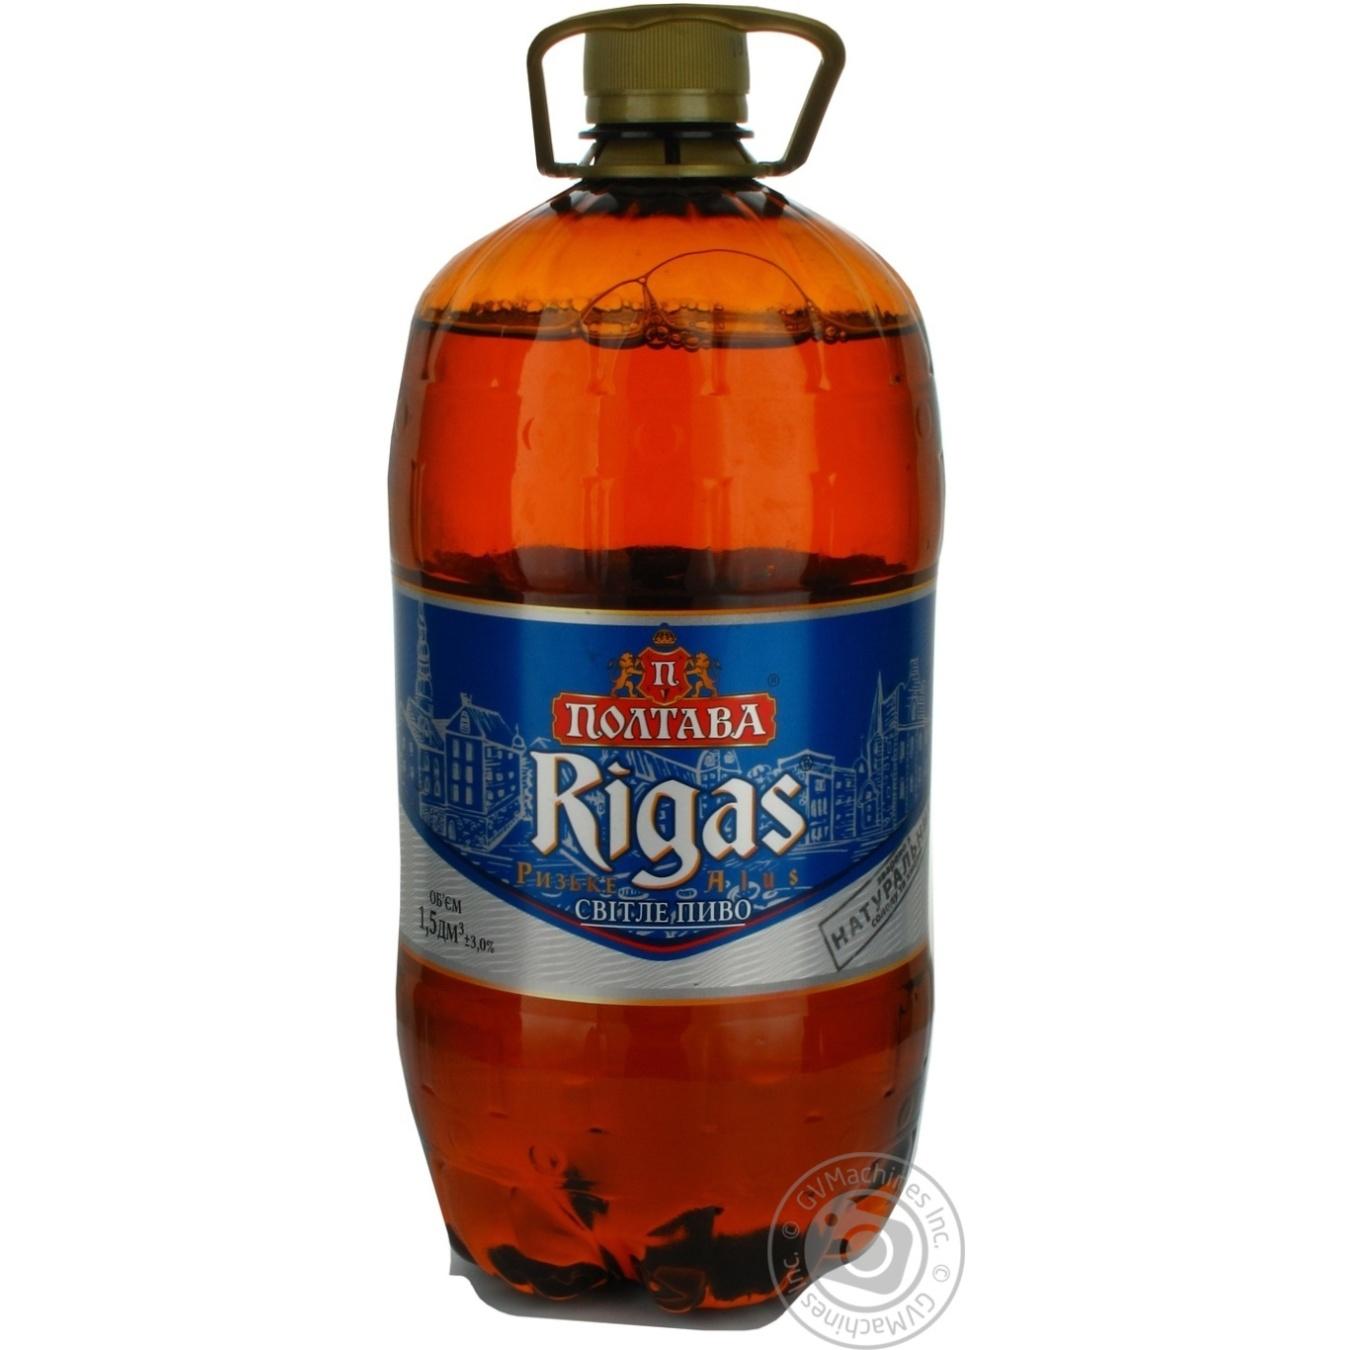 Пиво Полтава Рижское светлое 4.6%об.1500мл